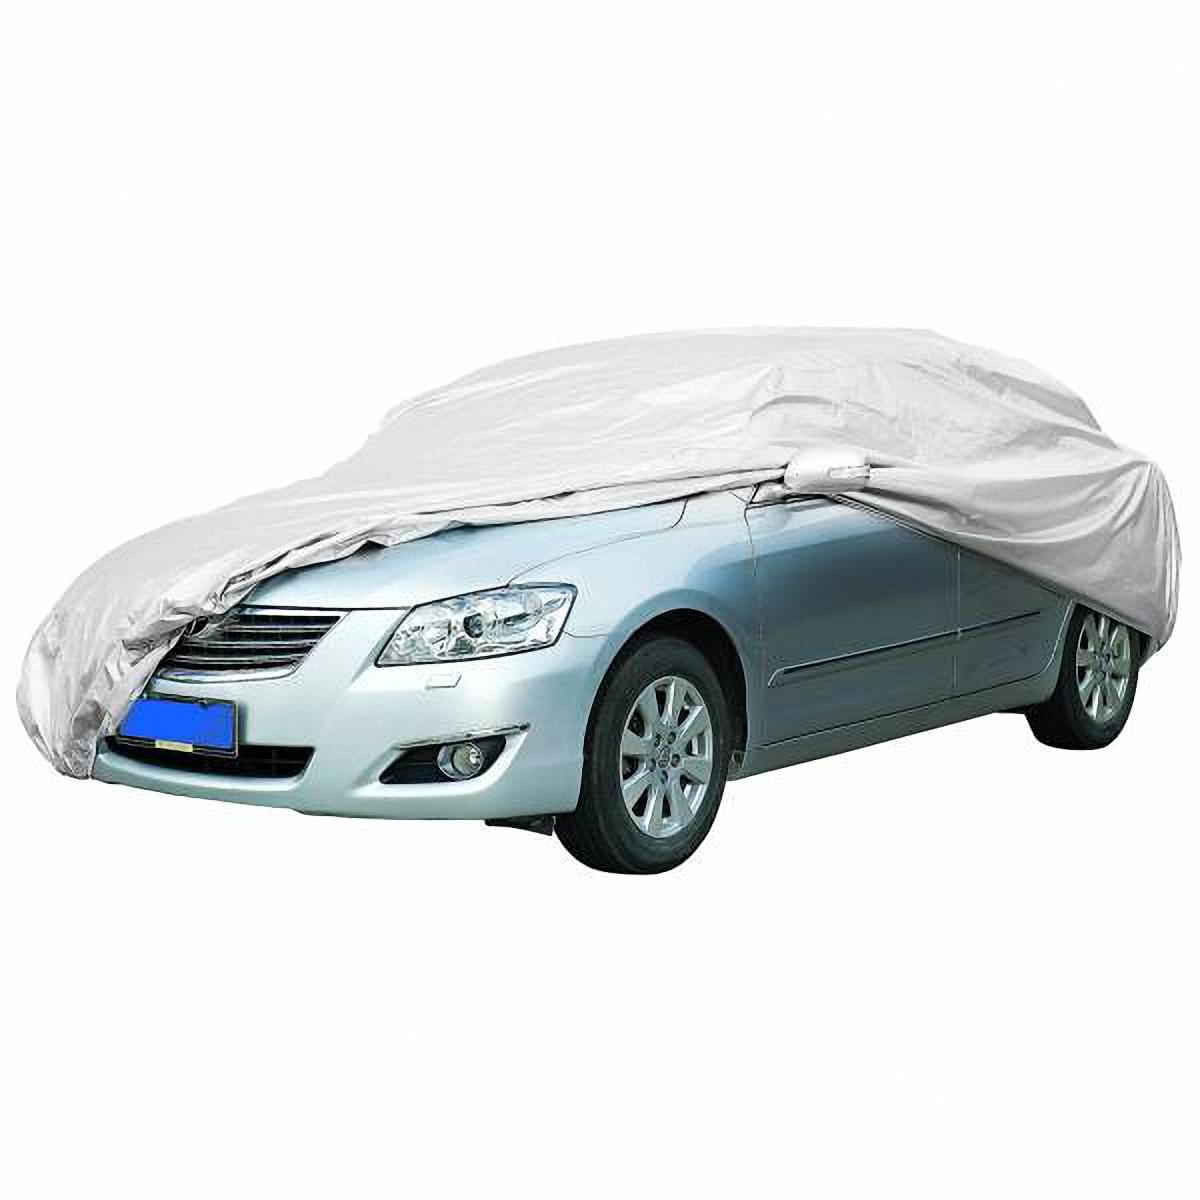 Чехол-тент автомобильный Skyway, 622 х 203 х 119 см. Размер 4XLFS-80423Тент автомобильный позволит защитить кузов вашего транспортного средства от коррозии и загрязнений во время хранения или транспортировки, а вас избавит от необходимости частого мытья вашего автомобиля. Чехол-тент предохраняет лакокрасочное покрытие кузова, стекла и фары вашего автомобиля от воздействия прямых солнечных лучей и неблагоприятных погодных условий, загрязнений. Легко и быстро надевается на автомобиль, не царапая и не повреждая его.Изготовлен из высококачественного полиэстера. В передней и задней части тента вшиты резинки, стягивающие его нижний край под передним и задним бамперами. Обладает высокой влаго- и износостойкостью. Обладает светоотражающими и пылезащитными свойствами. Выдерживает как низкие, так и высокие температуры. Воздухопроницаемый материал. Состав: полиэстер. Размер: 622 х 203 х 119 см.